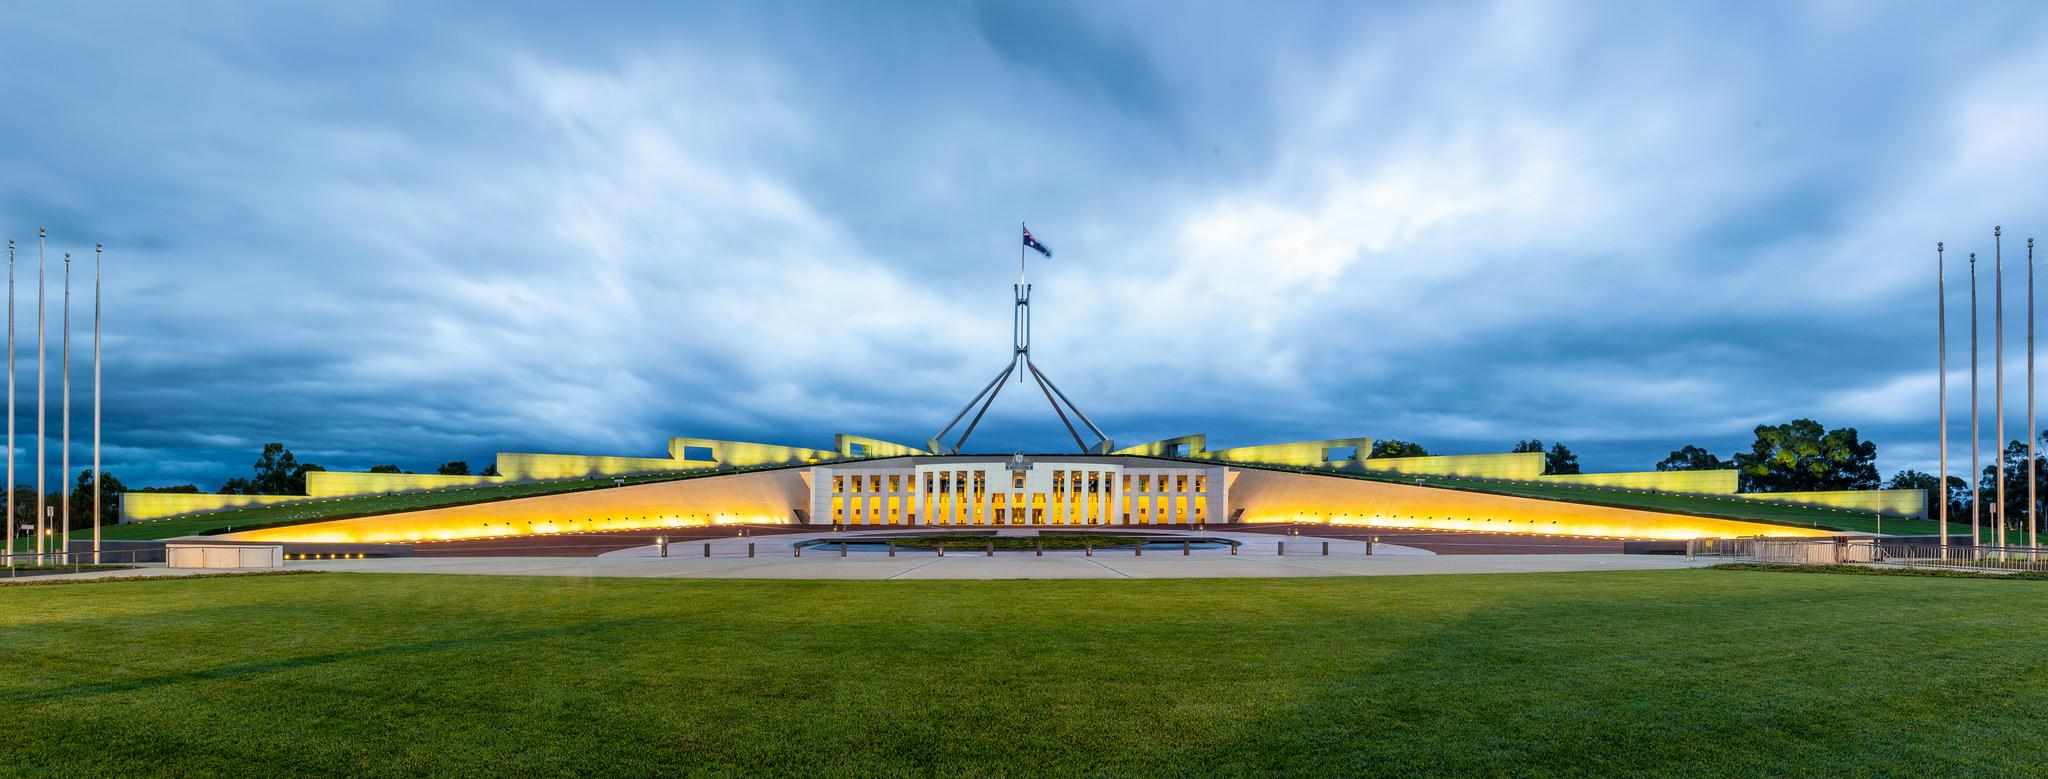 Australian Parliament House (Photo: Flickr user russellstreet)